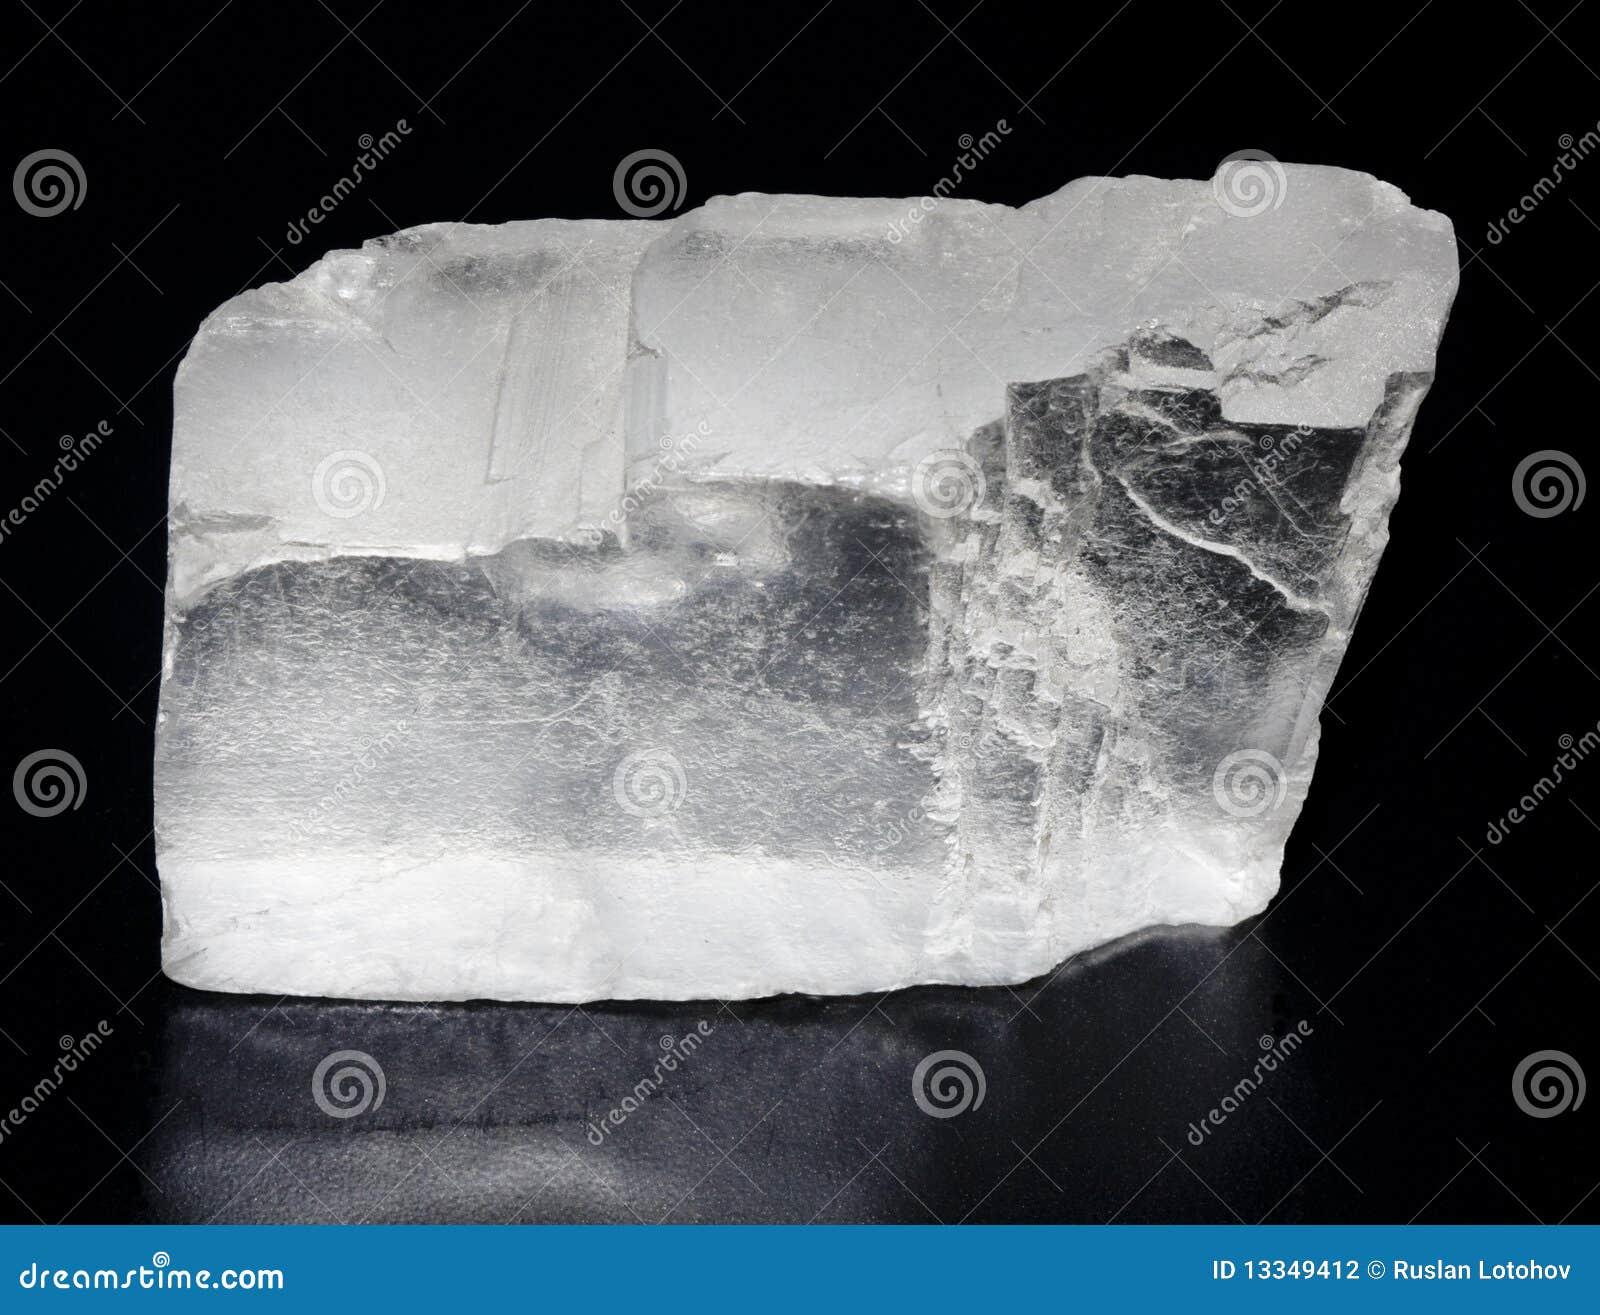 Kryształ sól